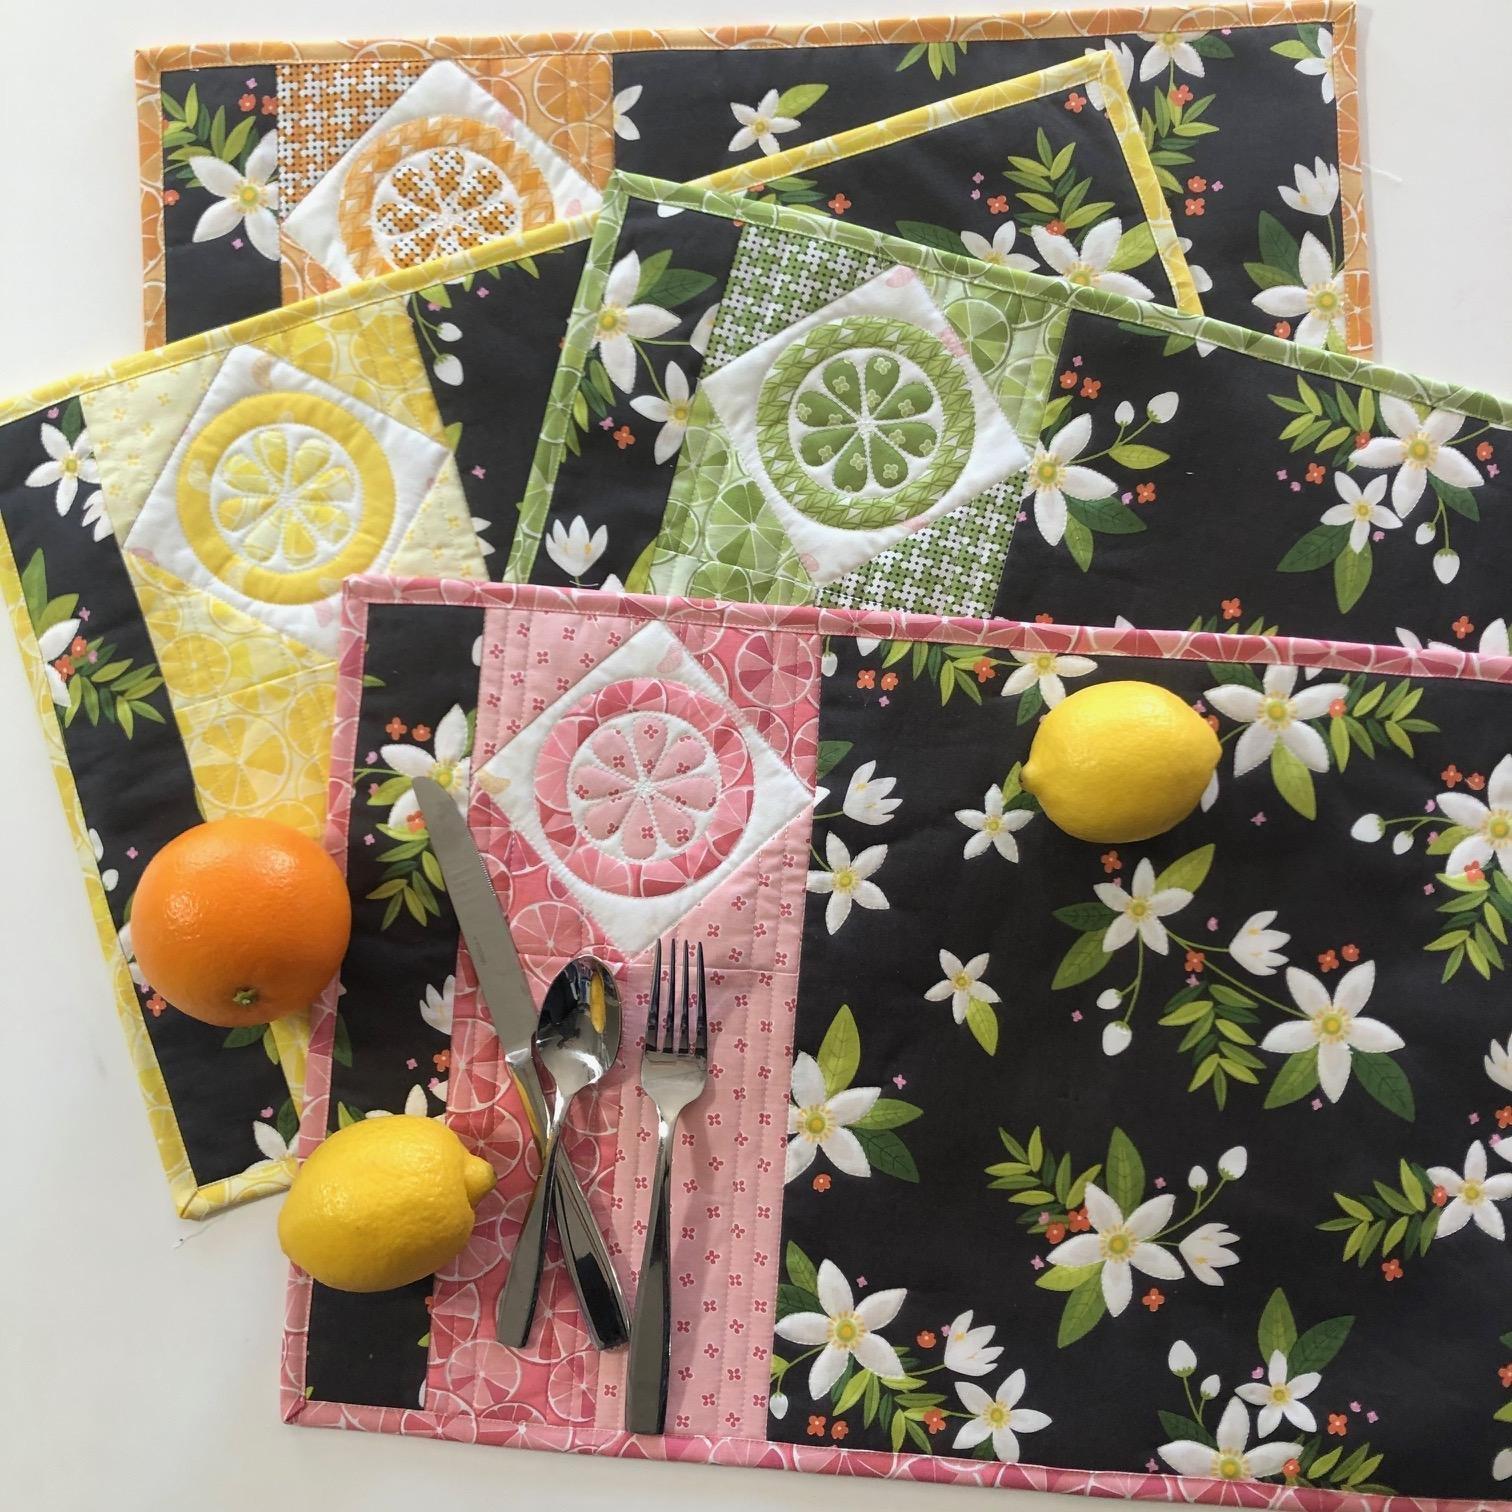 Juicy Jems Placemat Kit (Makes 4 Placemats)